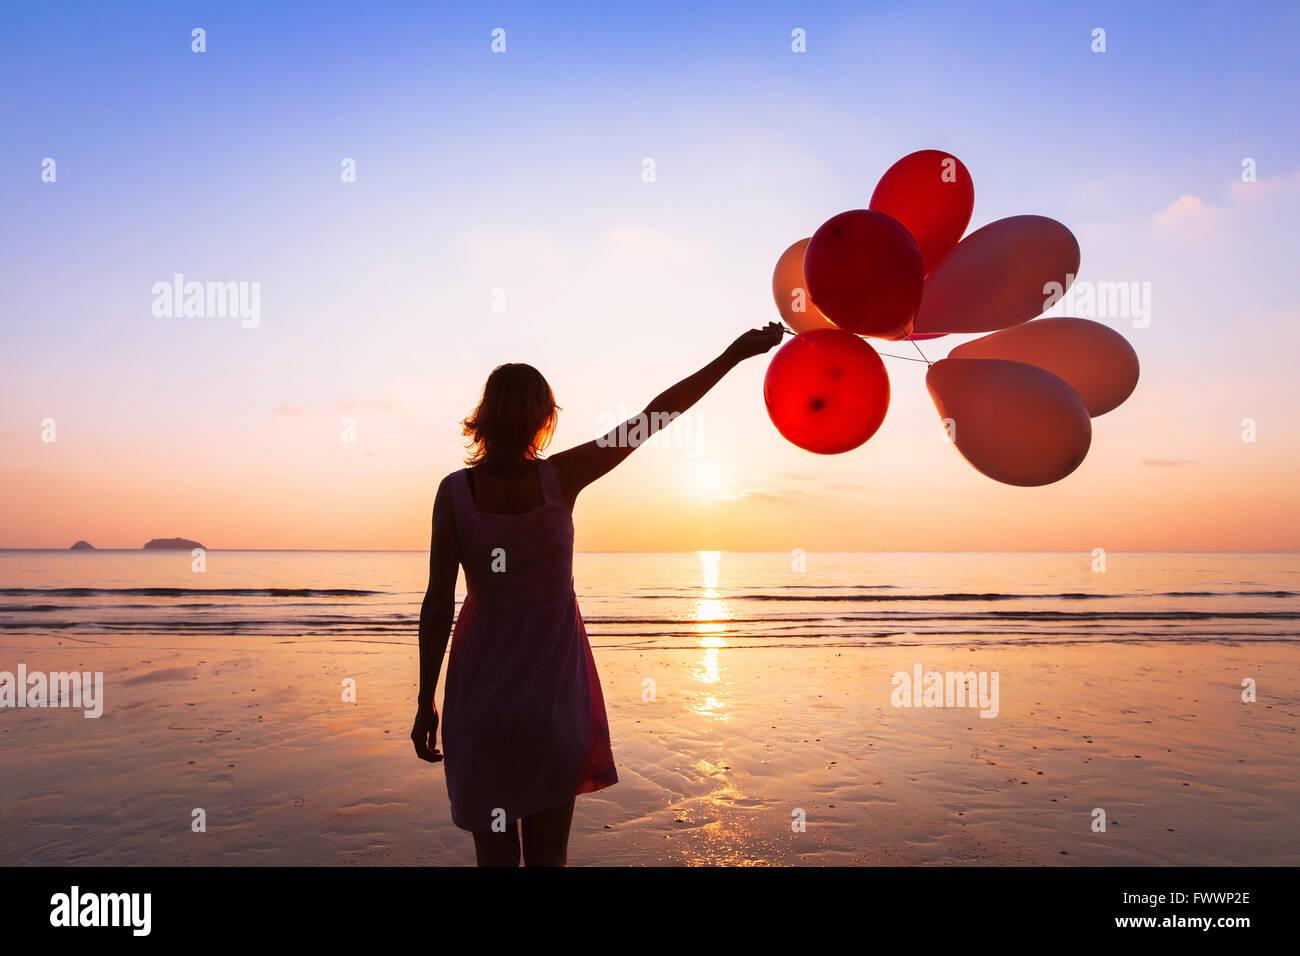 Phantasie und Kreativität, Mädchen mit bunten Ballons bei Sonnenuntergang mit Exemplar, Inspiration Konzept Stockbild